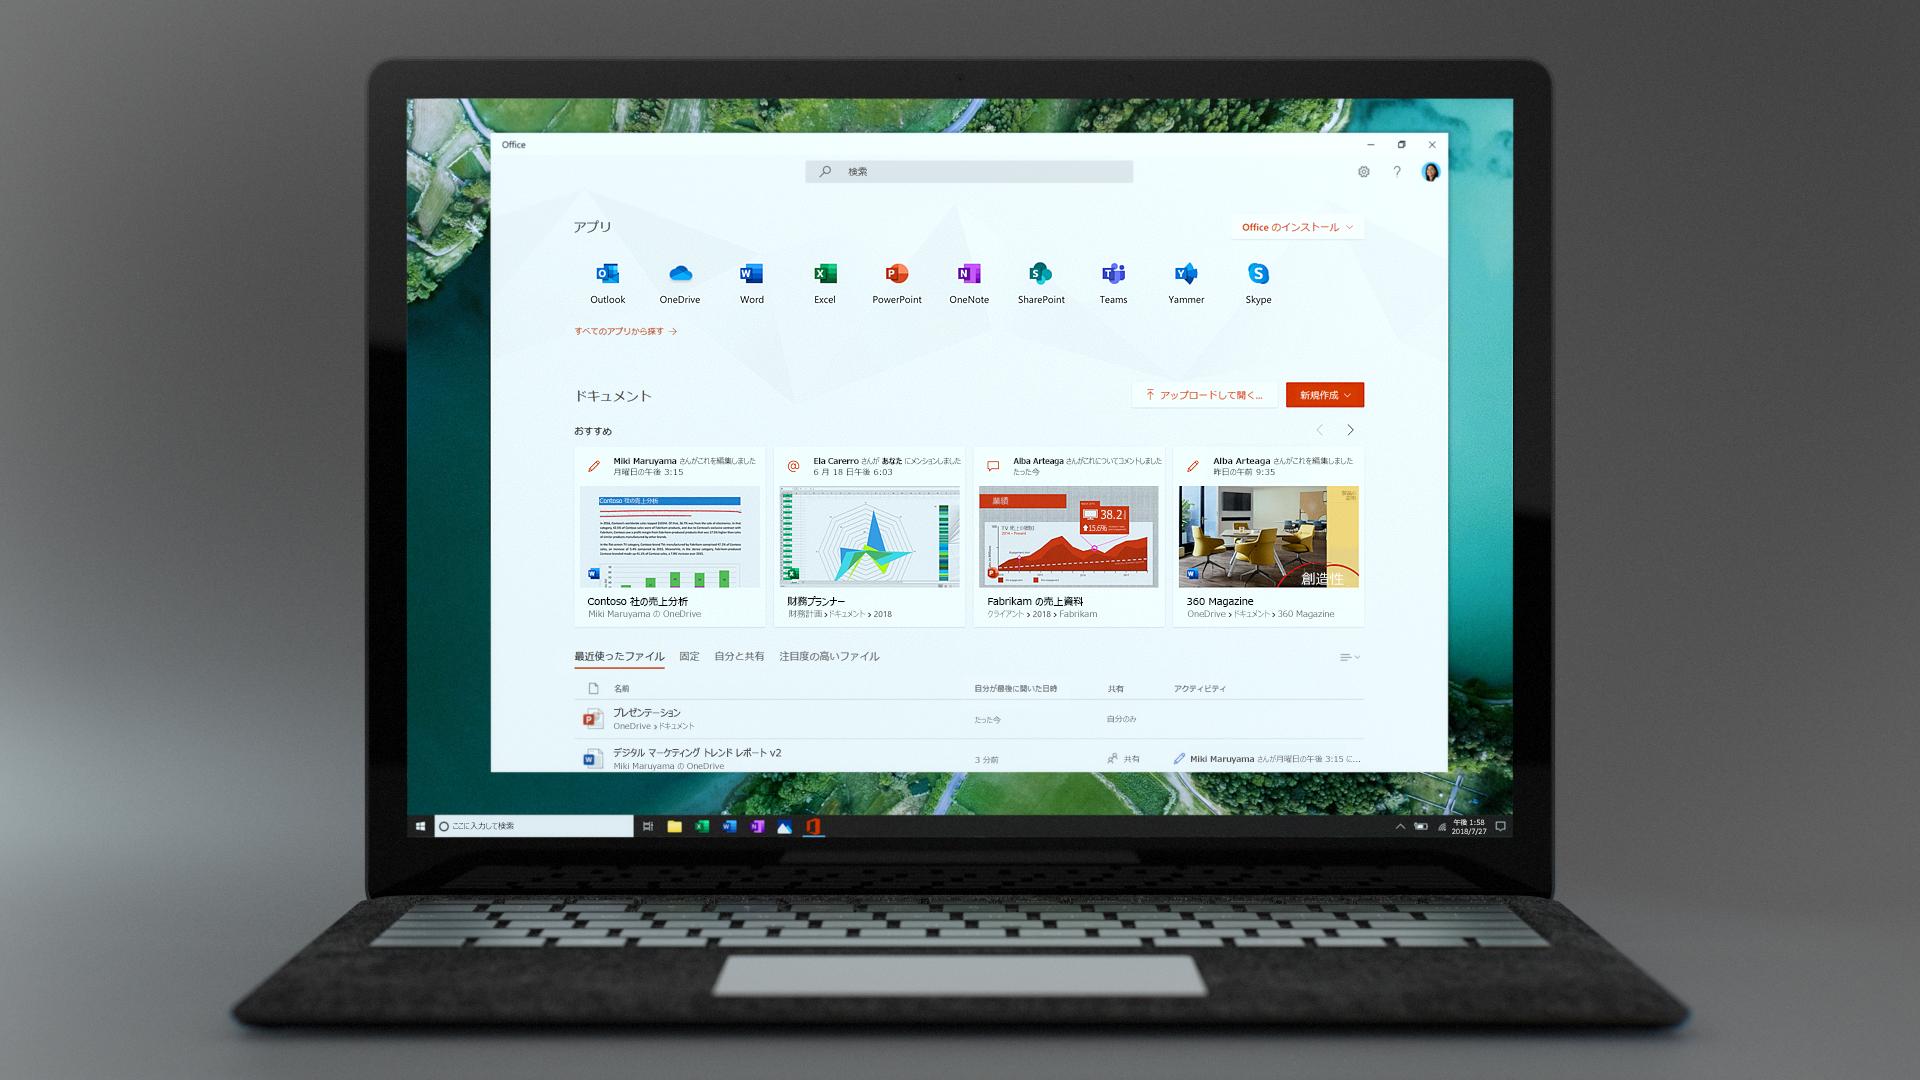 開いているノート PC の画像。画面には新しい Office アプリが表示されています。